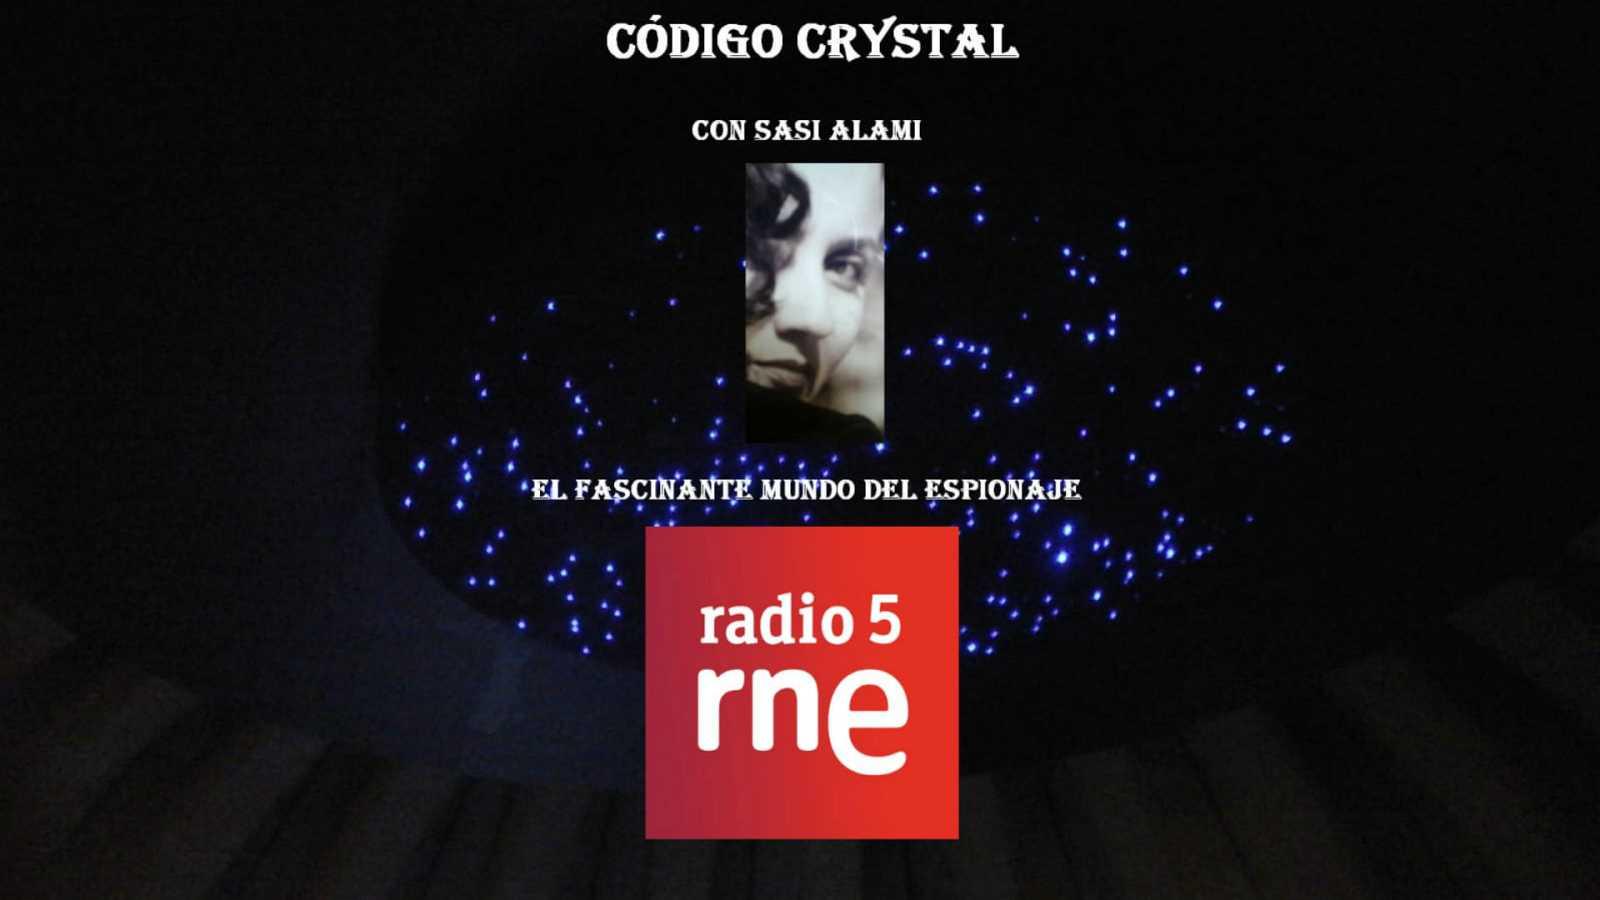 Código Crystal - 'Análisis del oficial Sharzad y espionaje 4RI' - 11/01/20 - escuchar ahora